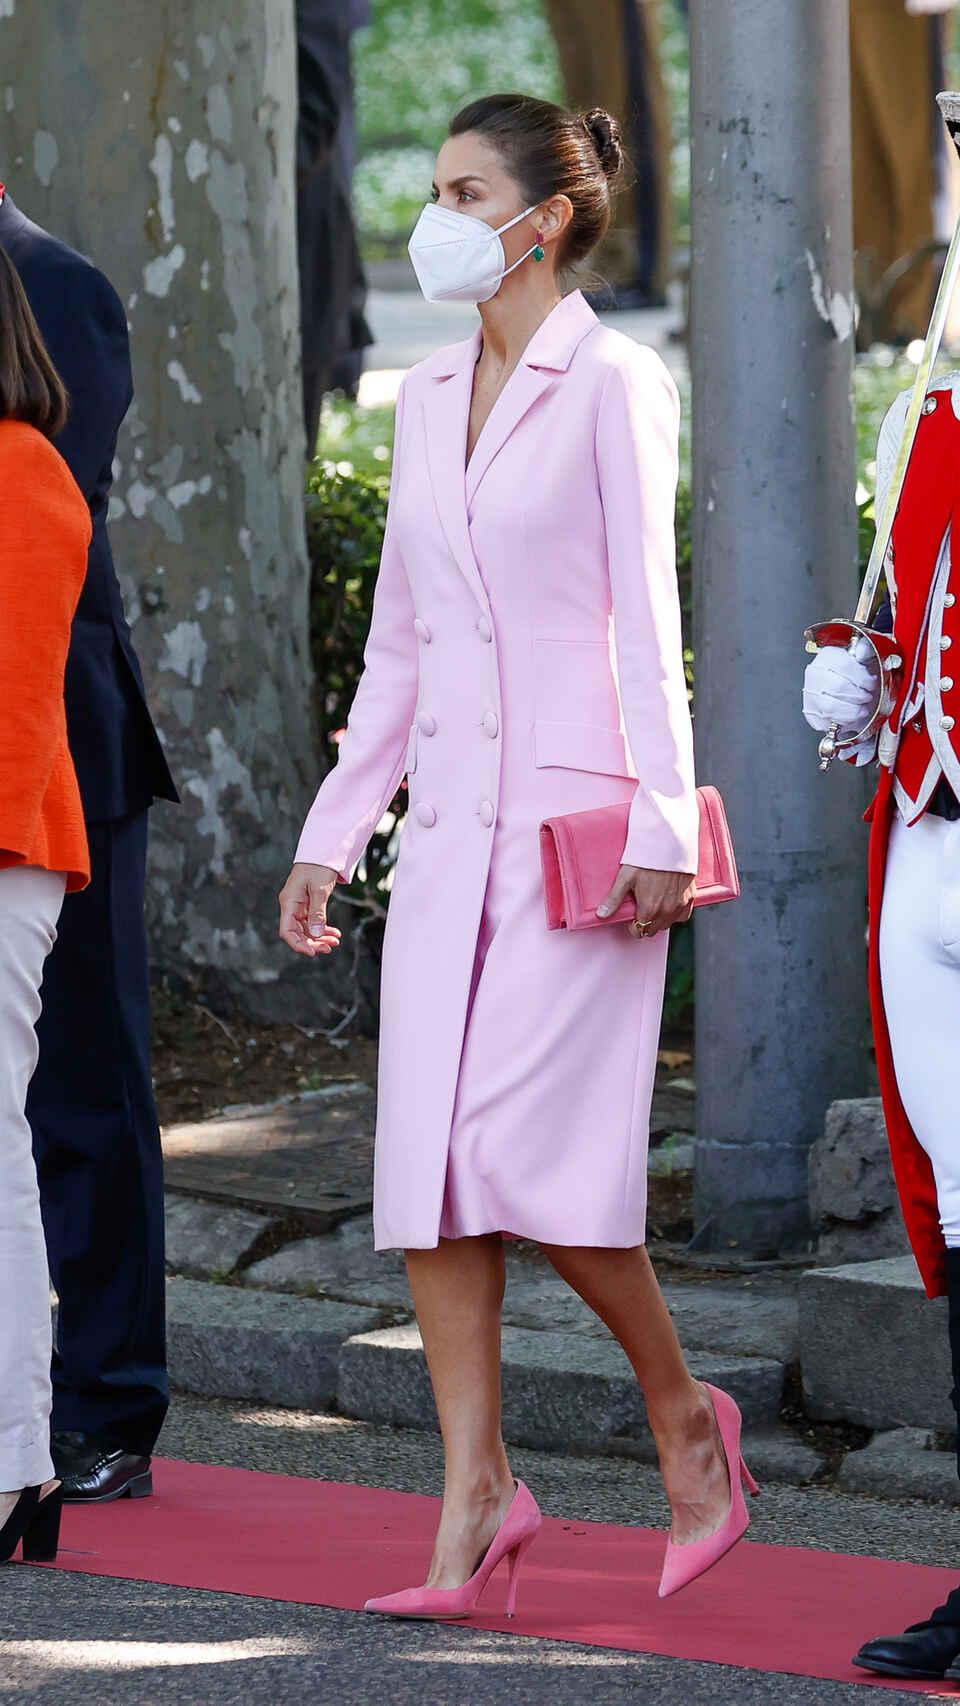 letizia vestido rosa esmoquin fuerzas armadas igual marca shein